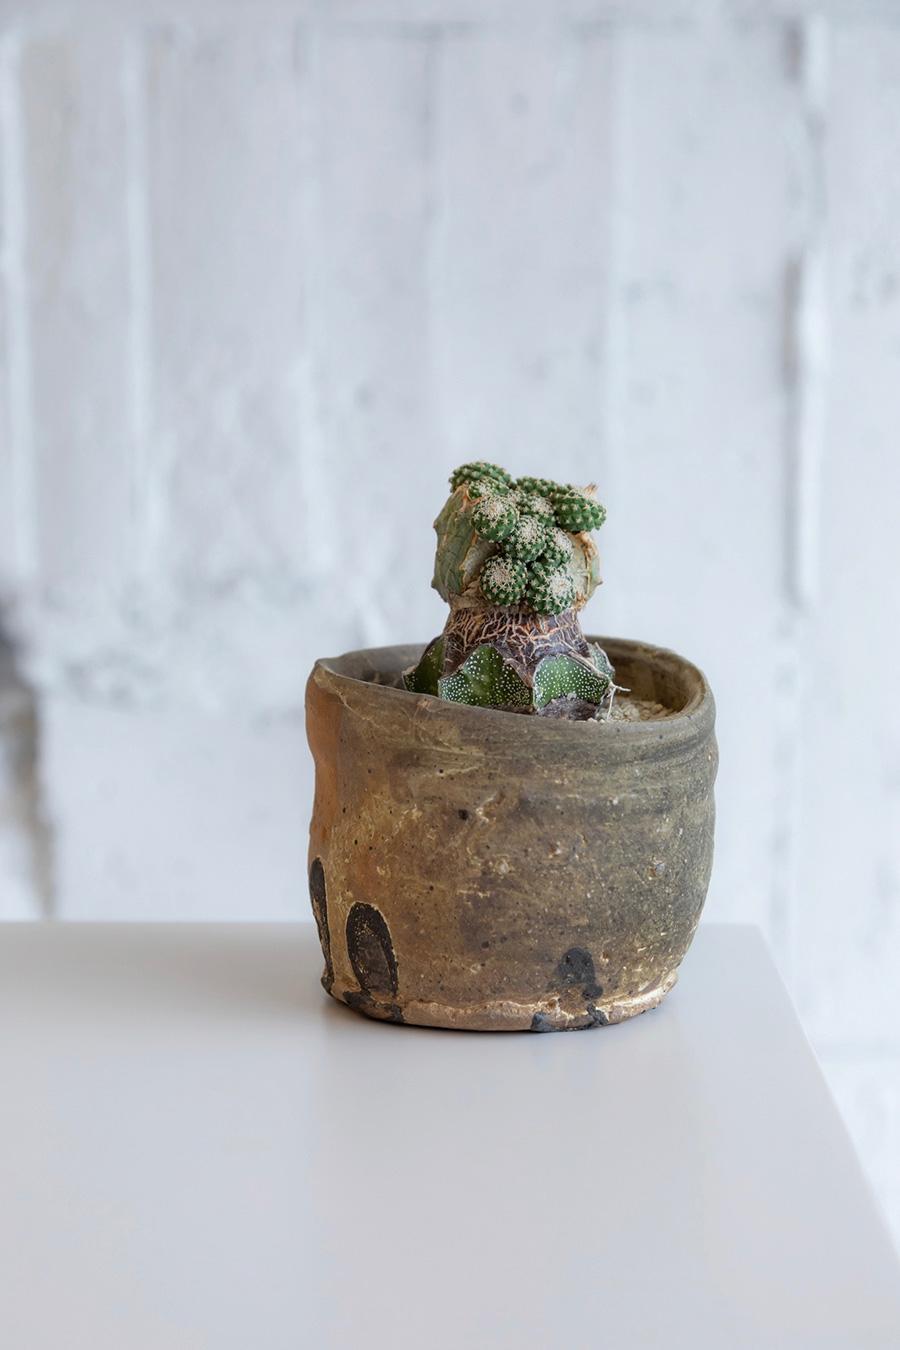 菊水 (きくすい)  ¥40,000 鉢は新進気鋭の作家 安永正臣さん。 菊水の般若接ぎ。接ぎ木により生まれたみずみずしい子株と、経年により茶色くなった活着面がひとつの個体に。